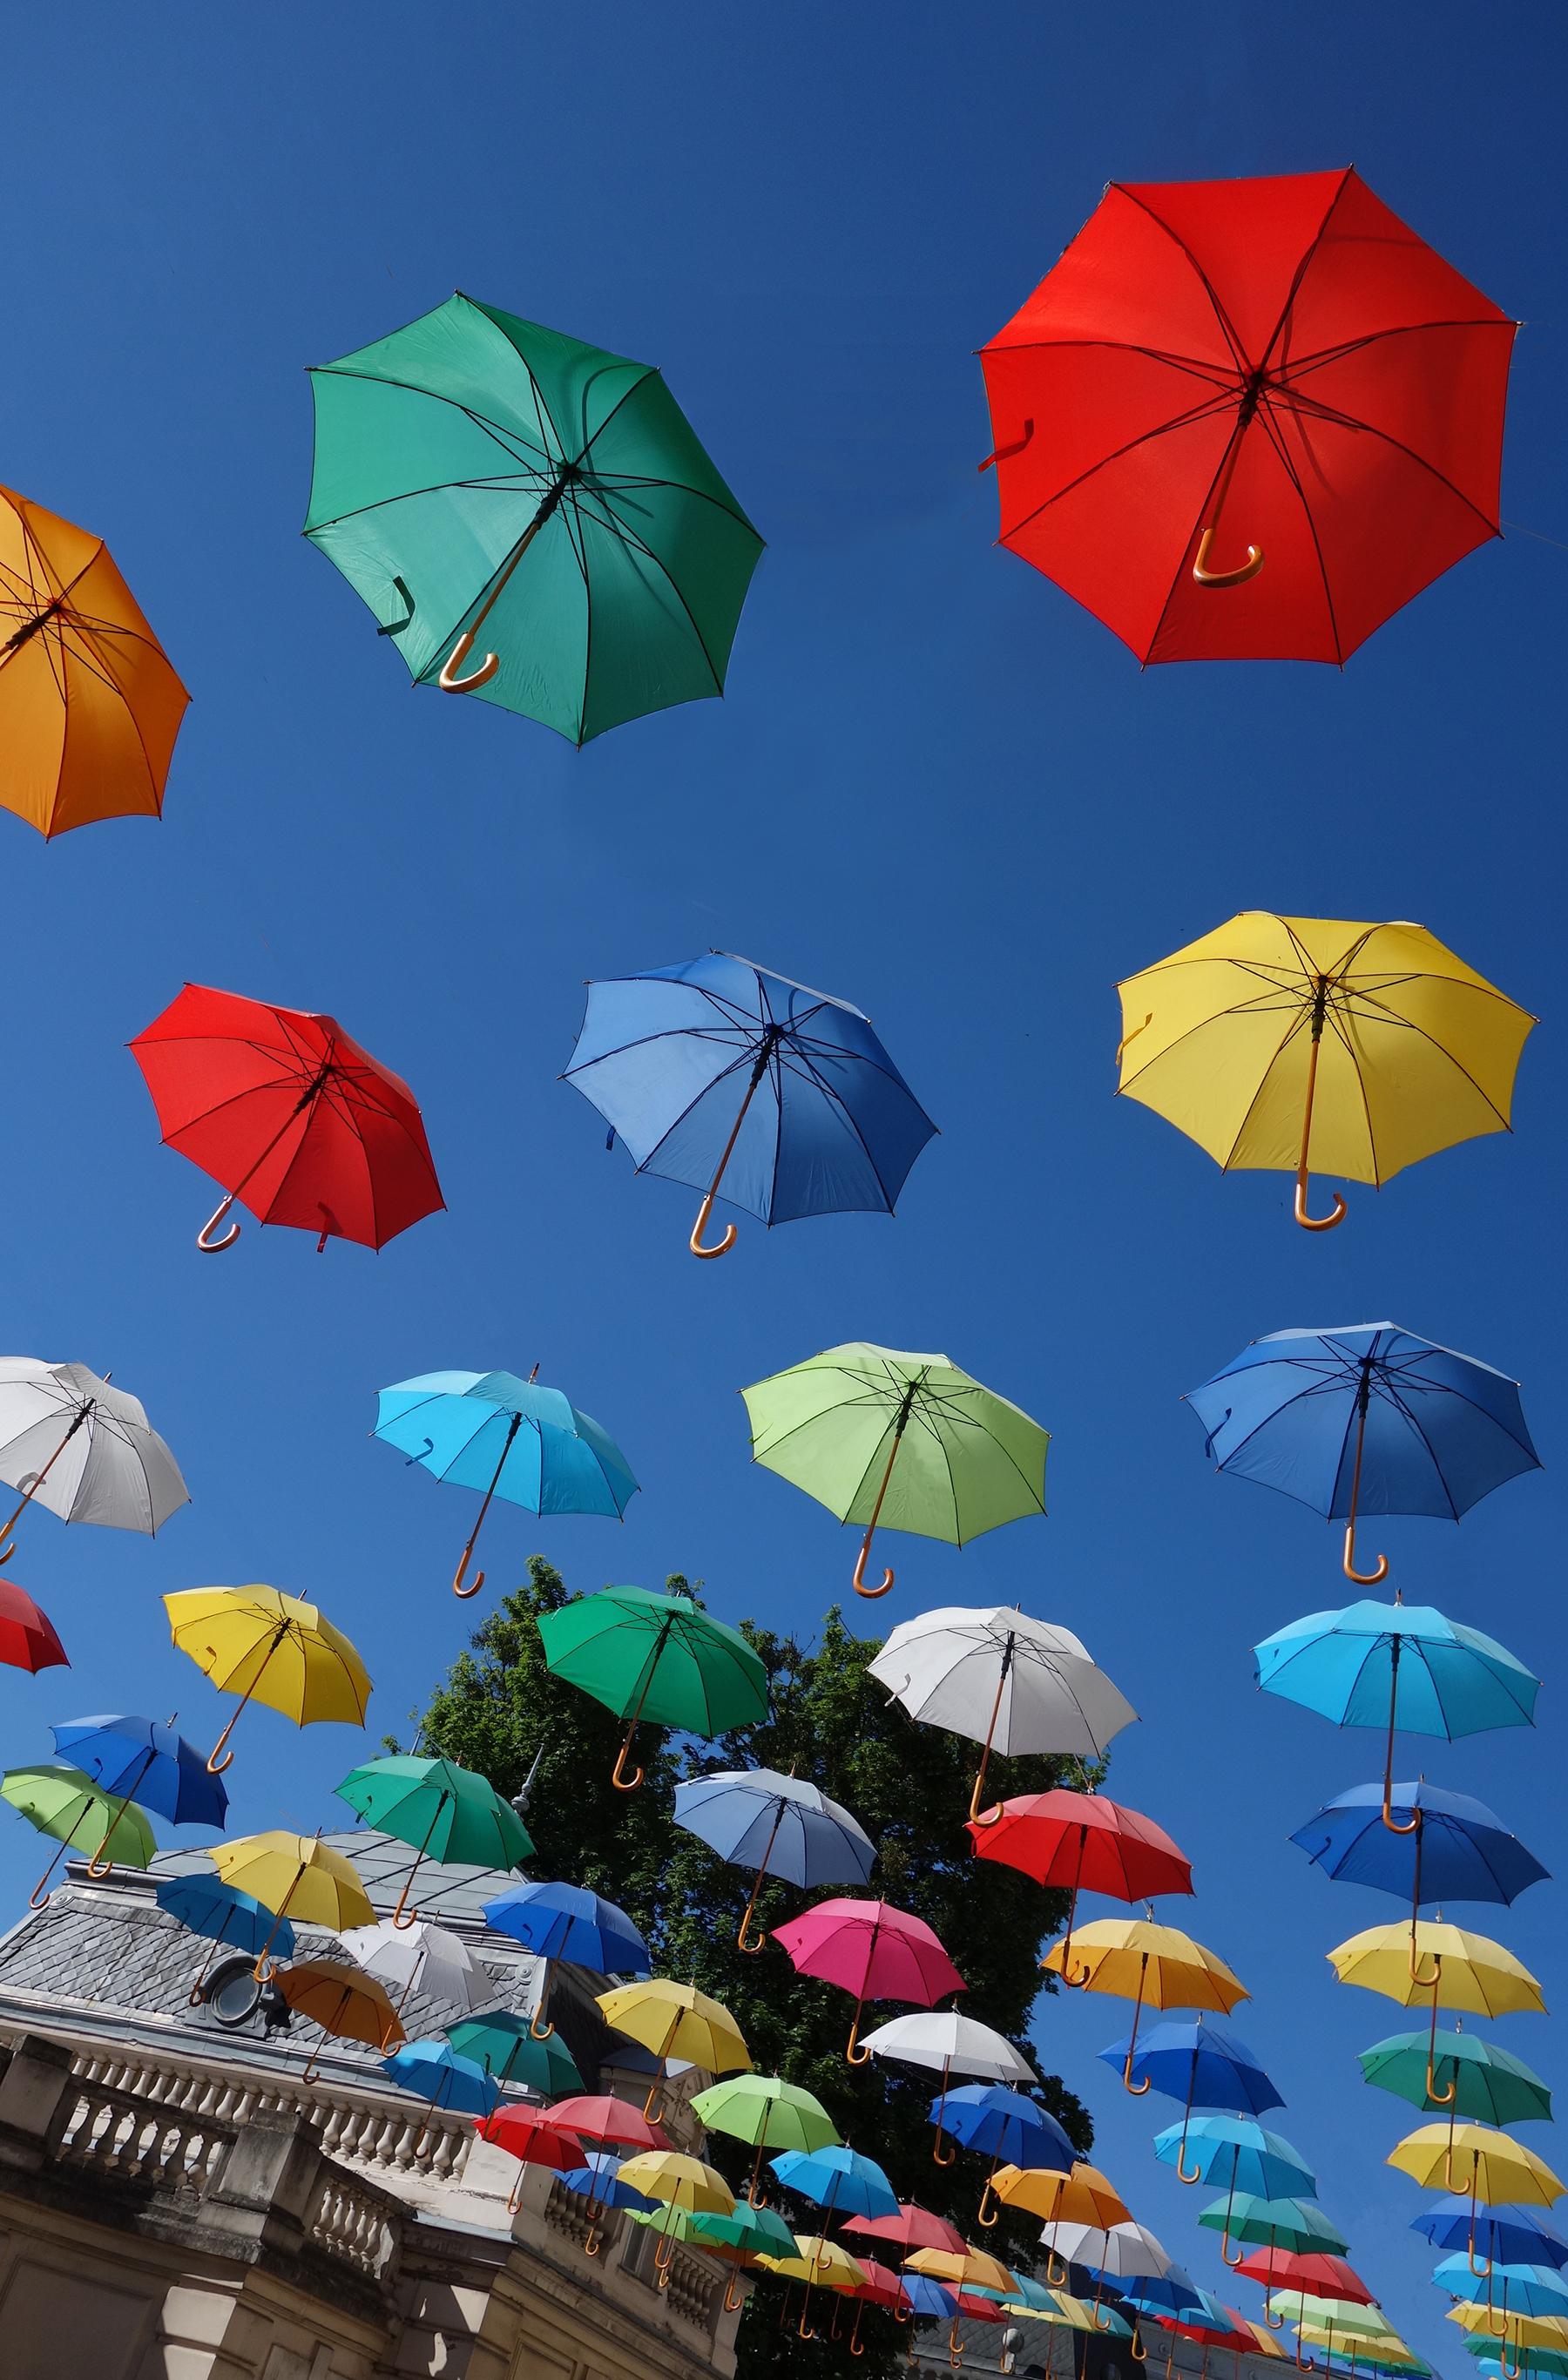 2j museum umbrellas